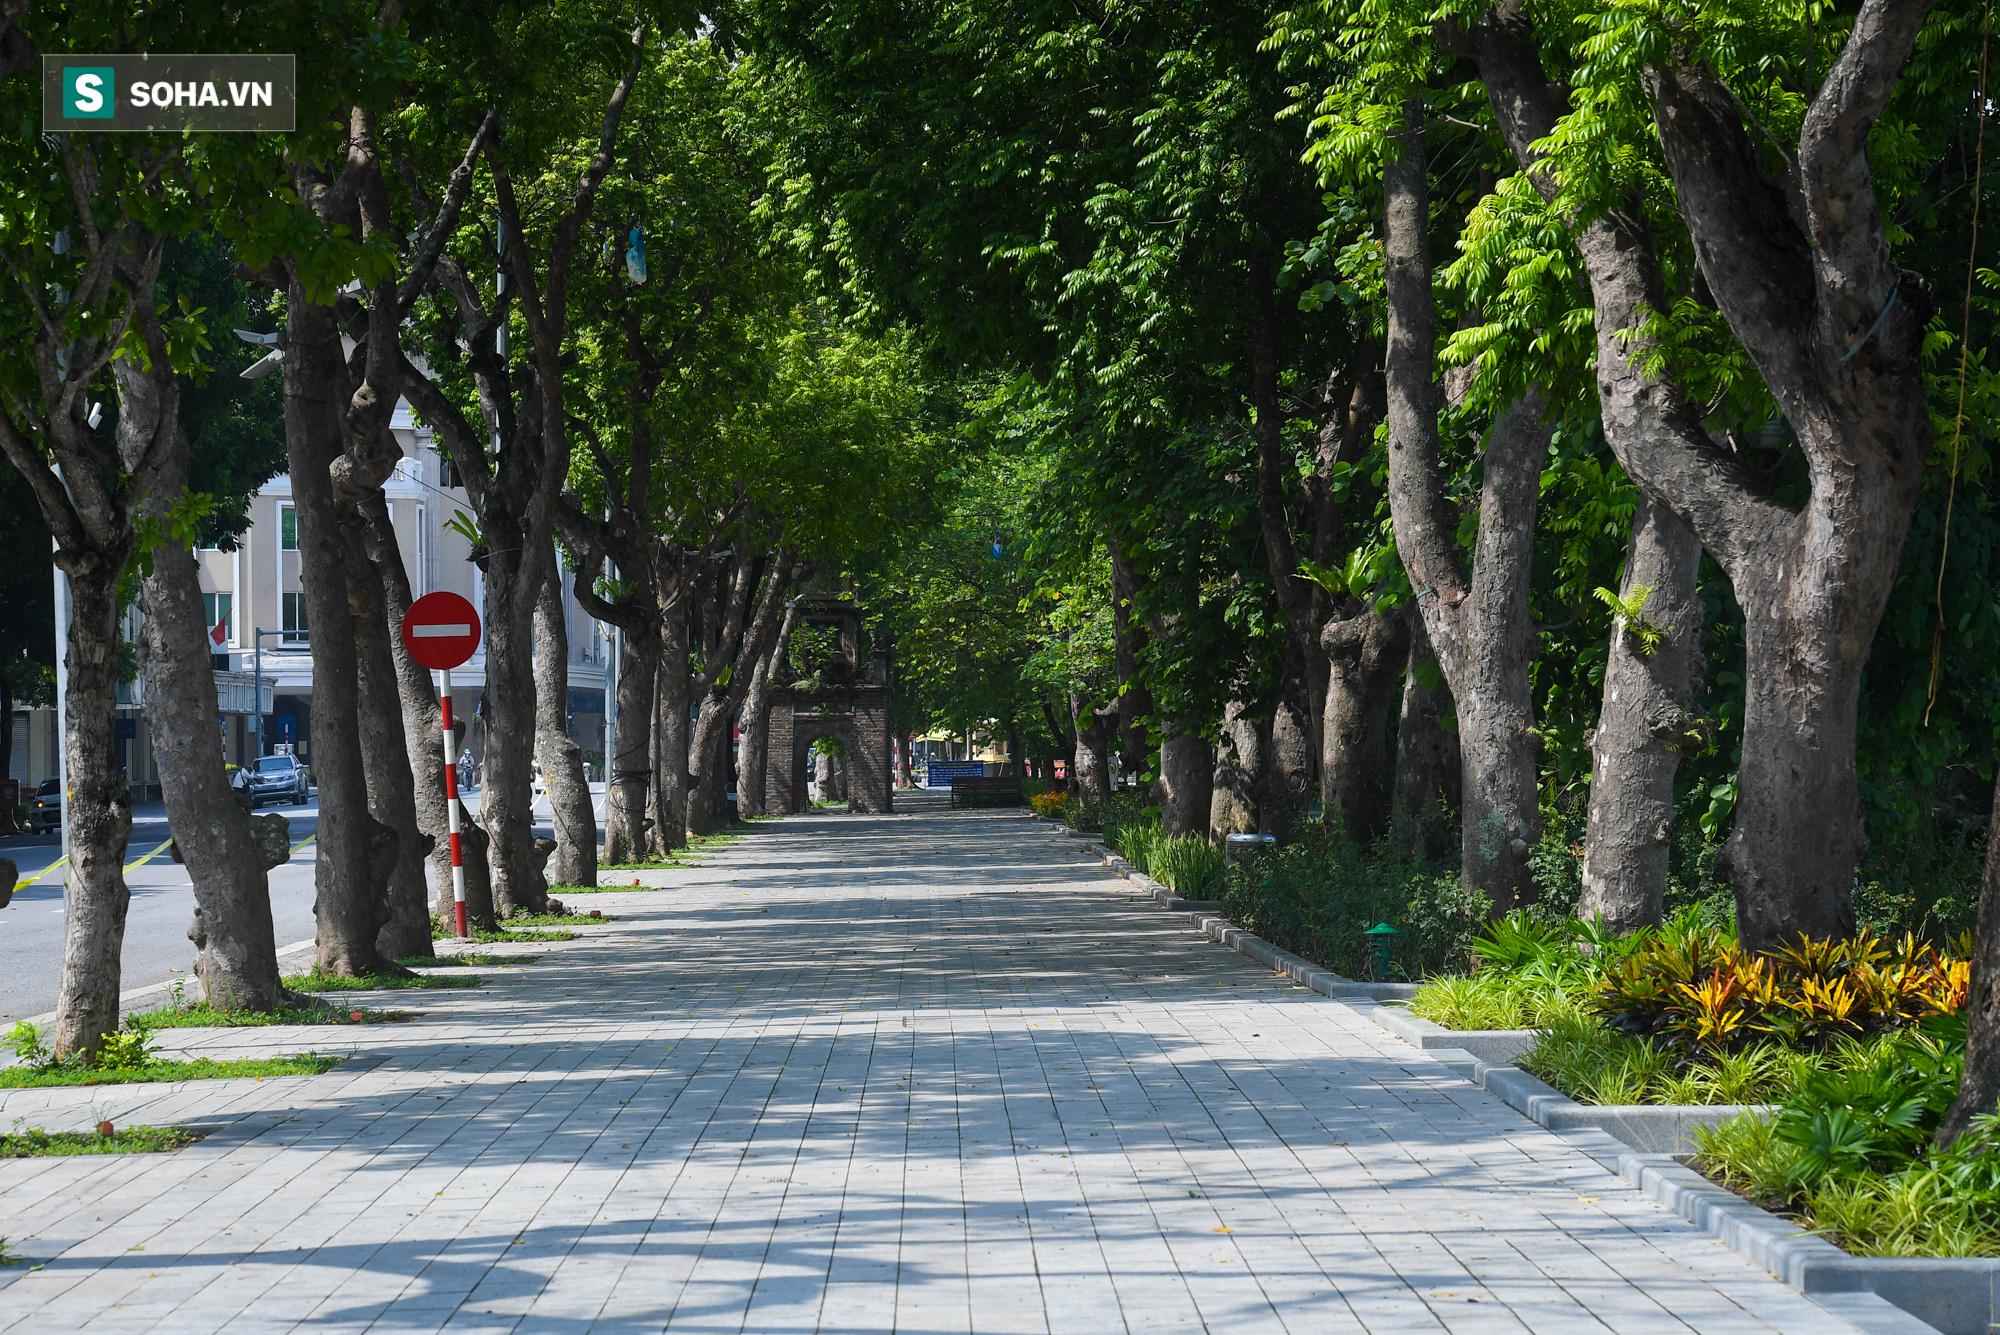 Hà Nội nhiều tuyến phố không một bóng người qua lại trong ngày đầu giãn cách xã hội - Ảnh 2.